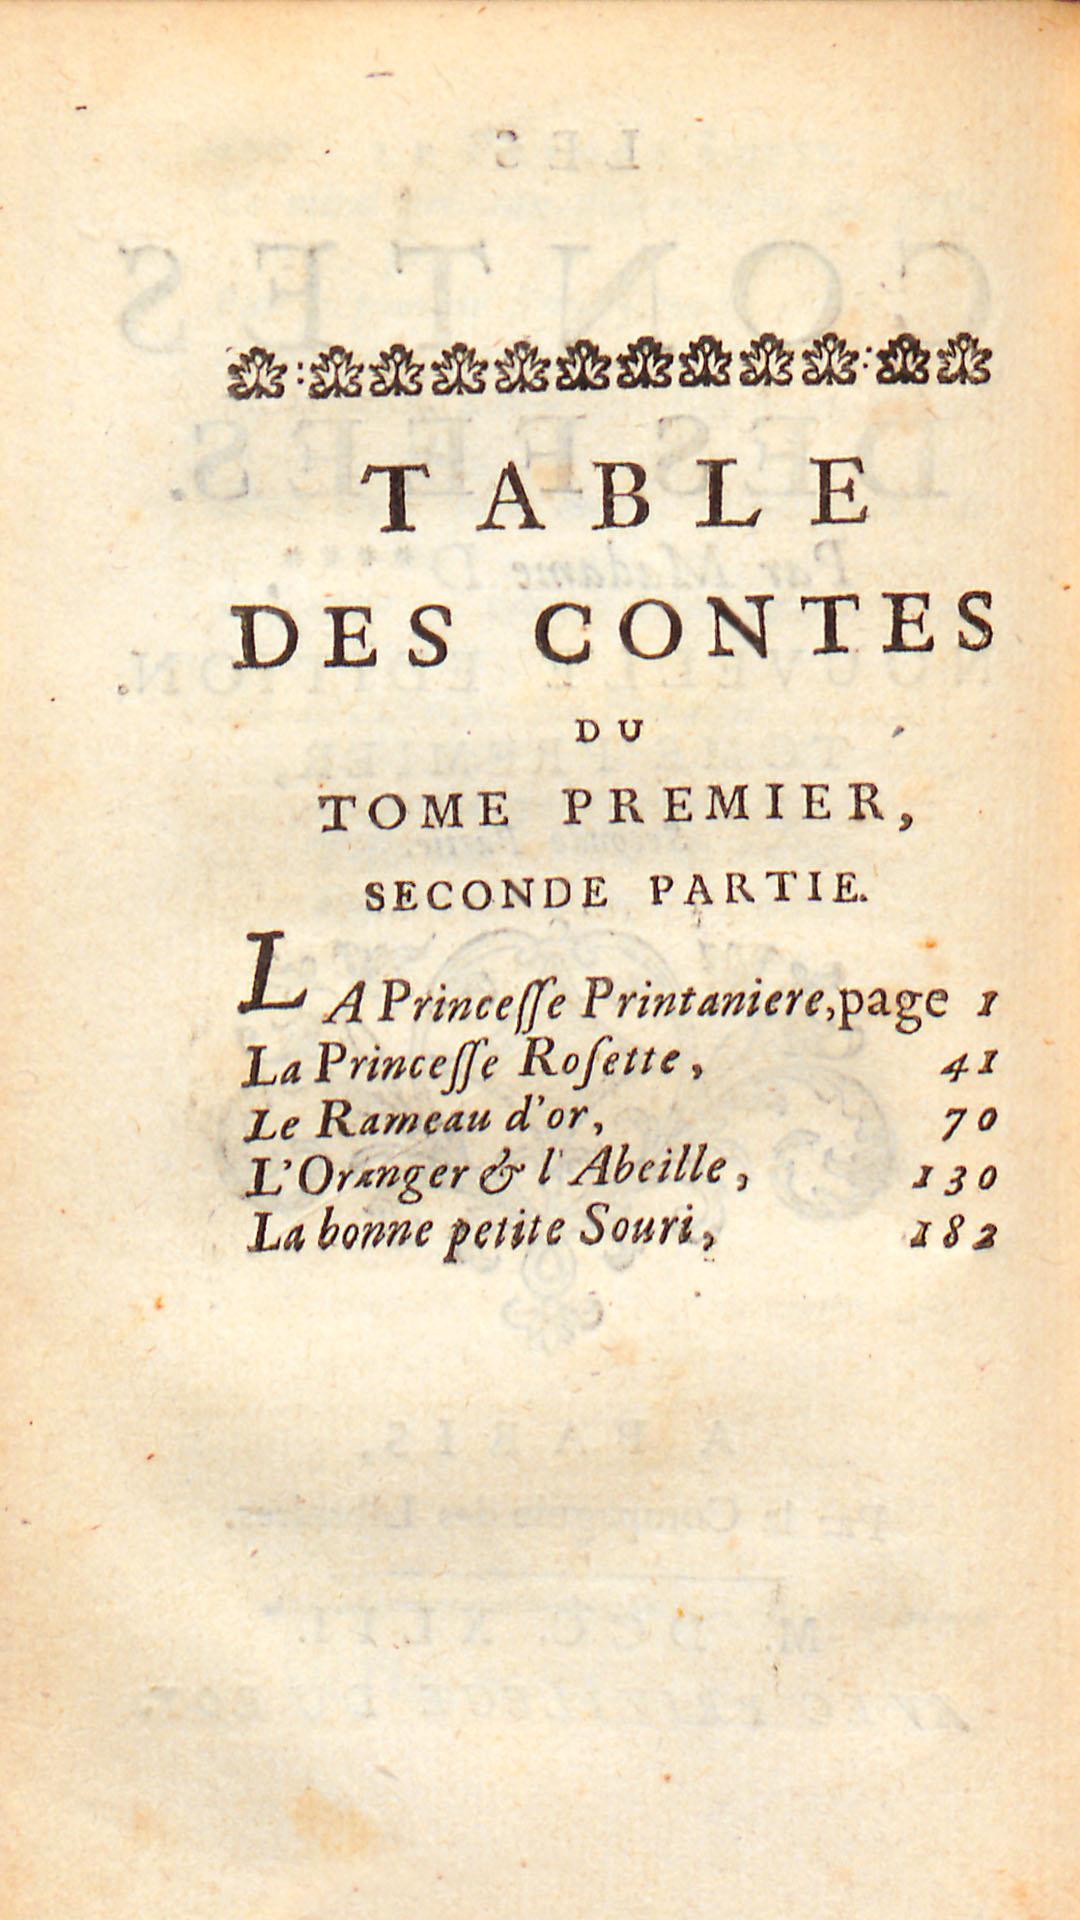 Table des contes, tome premier, seconde partie